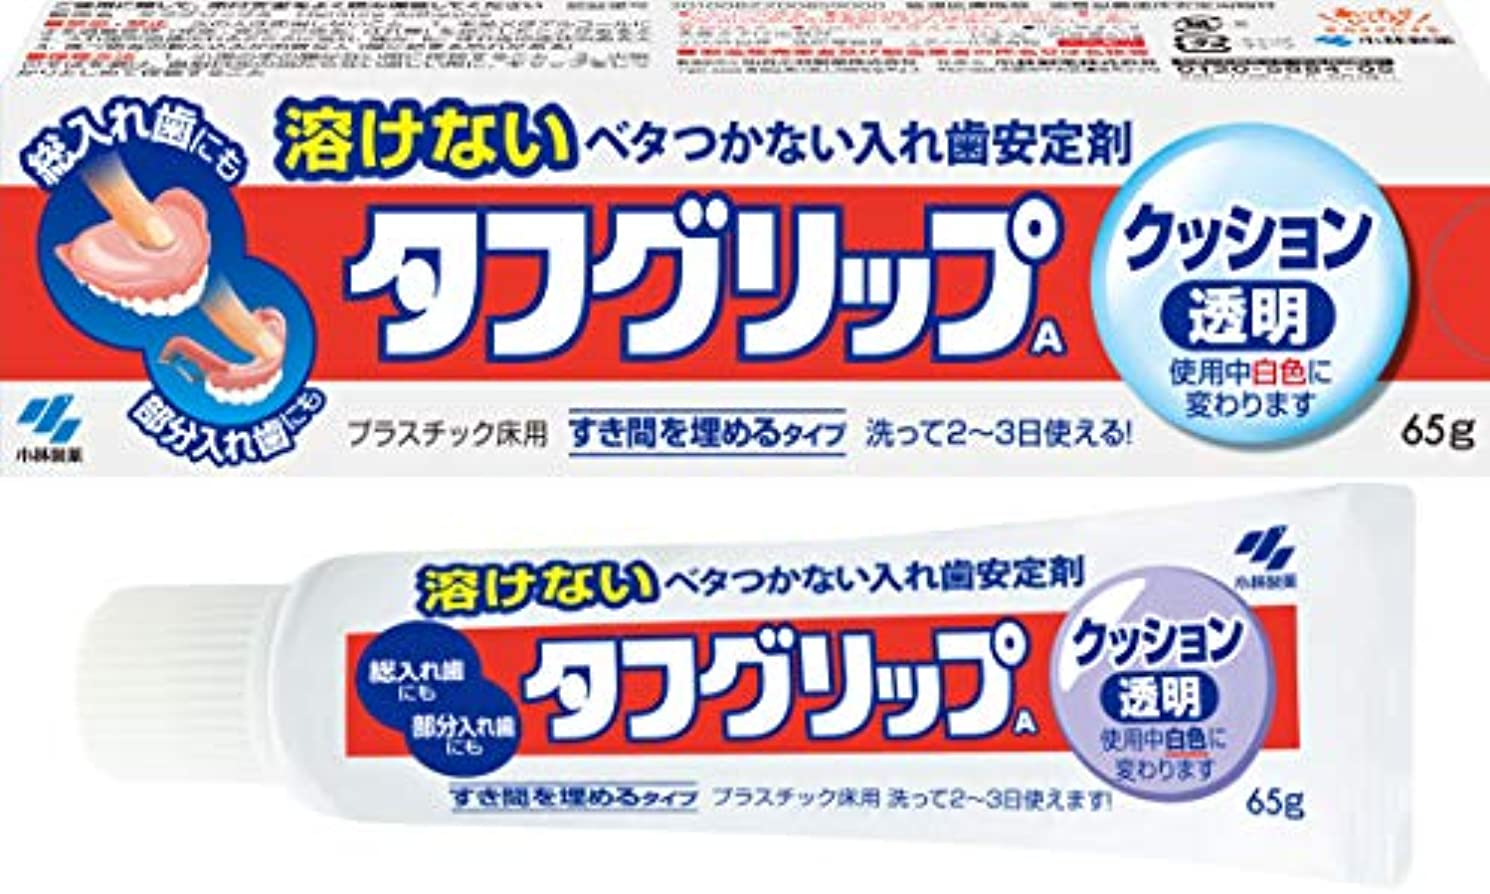 摂氏度前任者ハーブタフグリップクッション 透明 入れ歯安定剤(総入れ歯?部分入れ歯) 65g